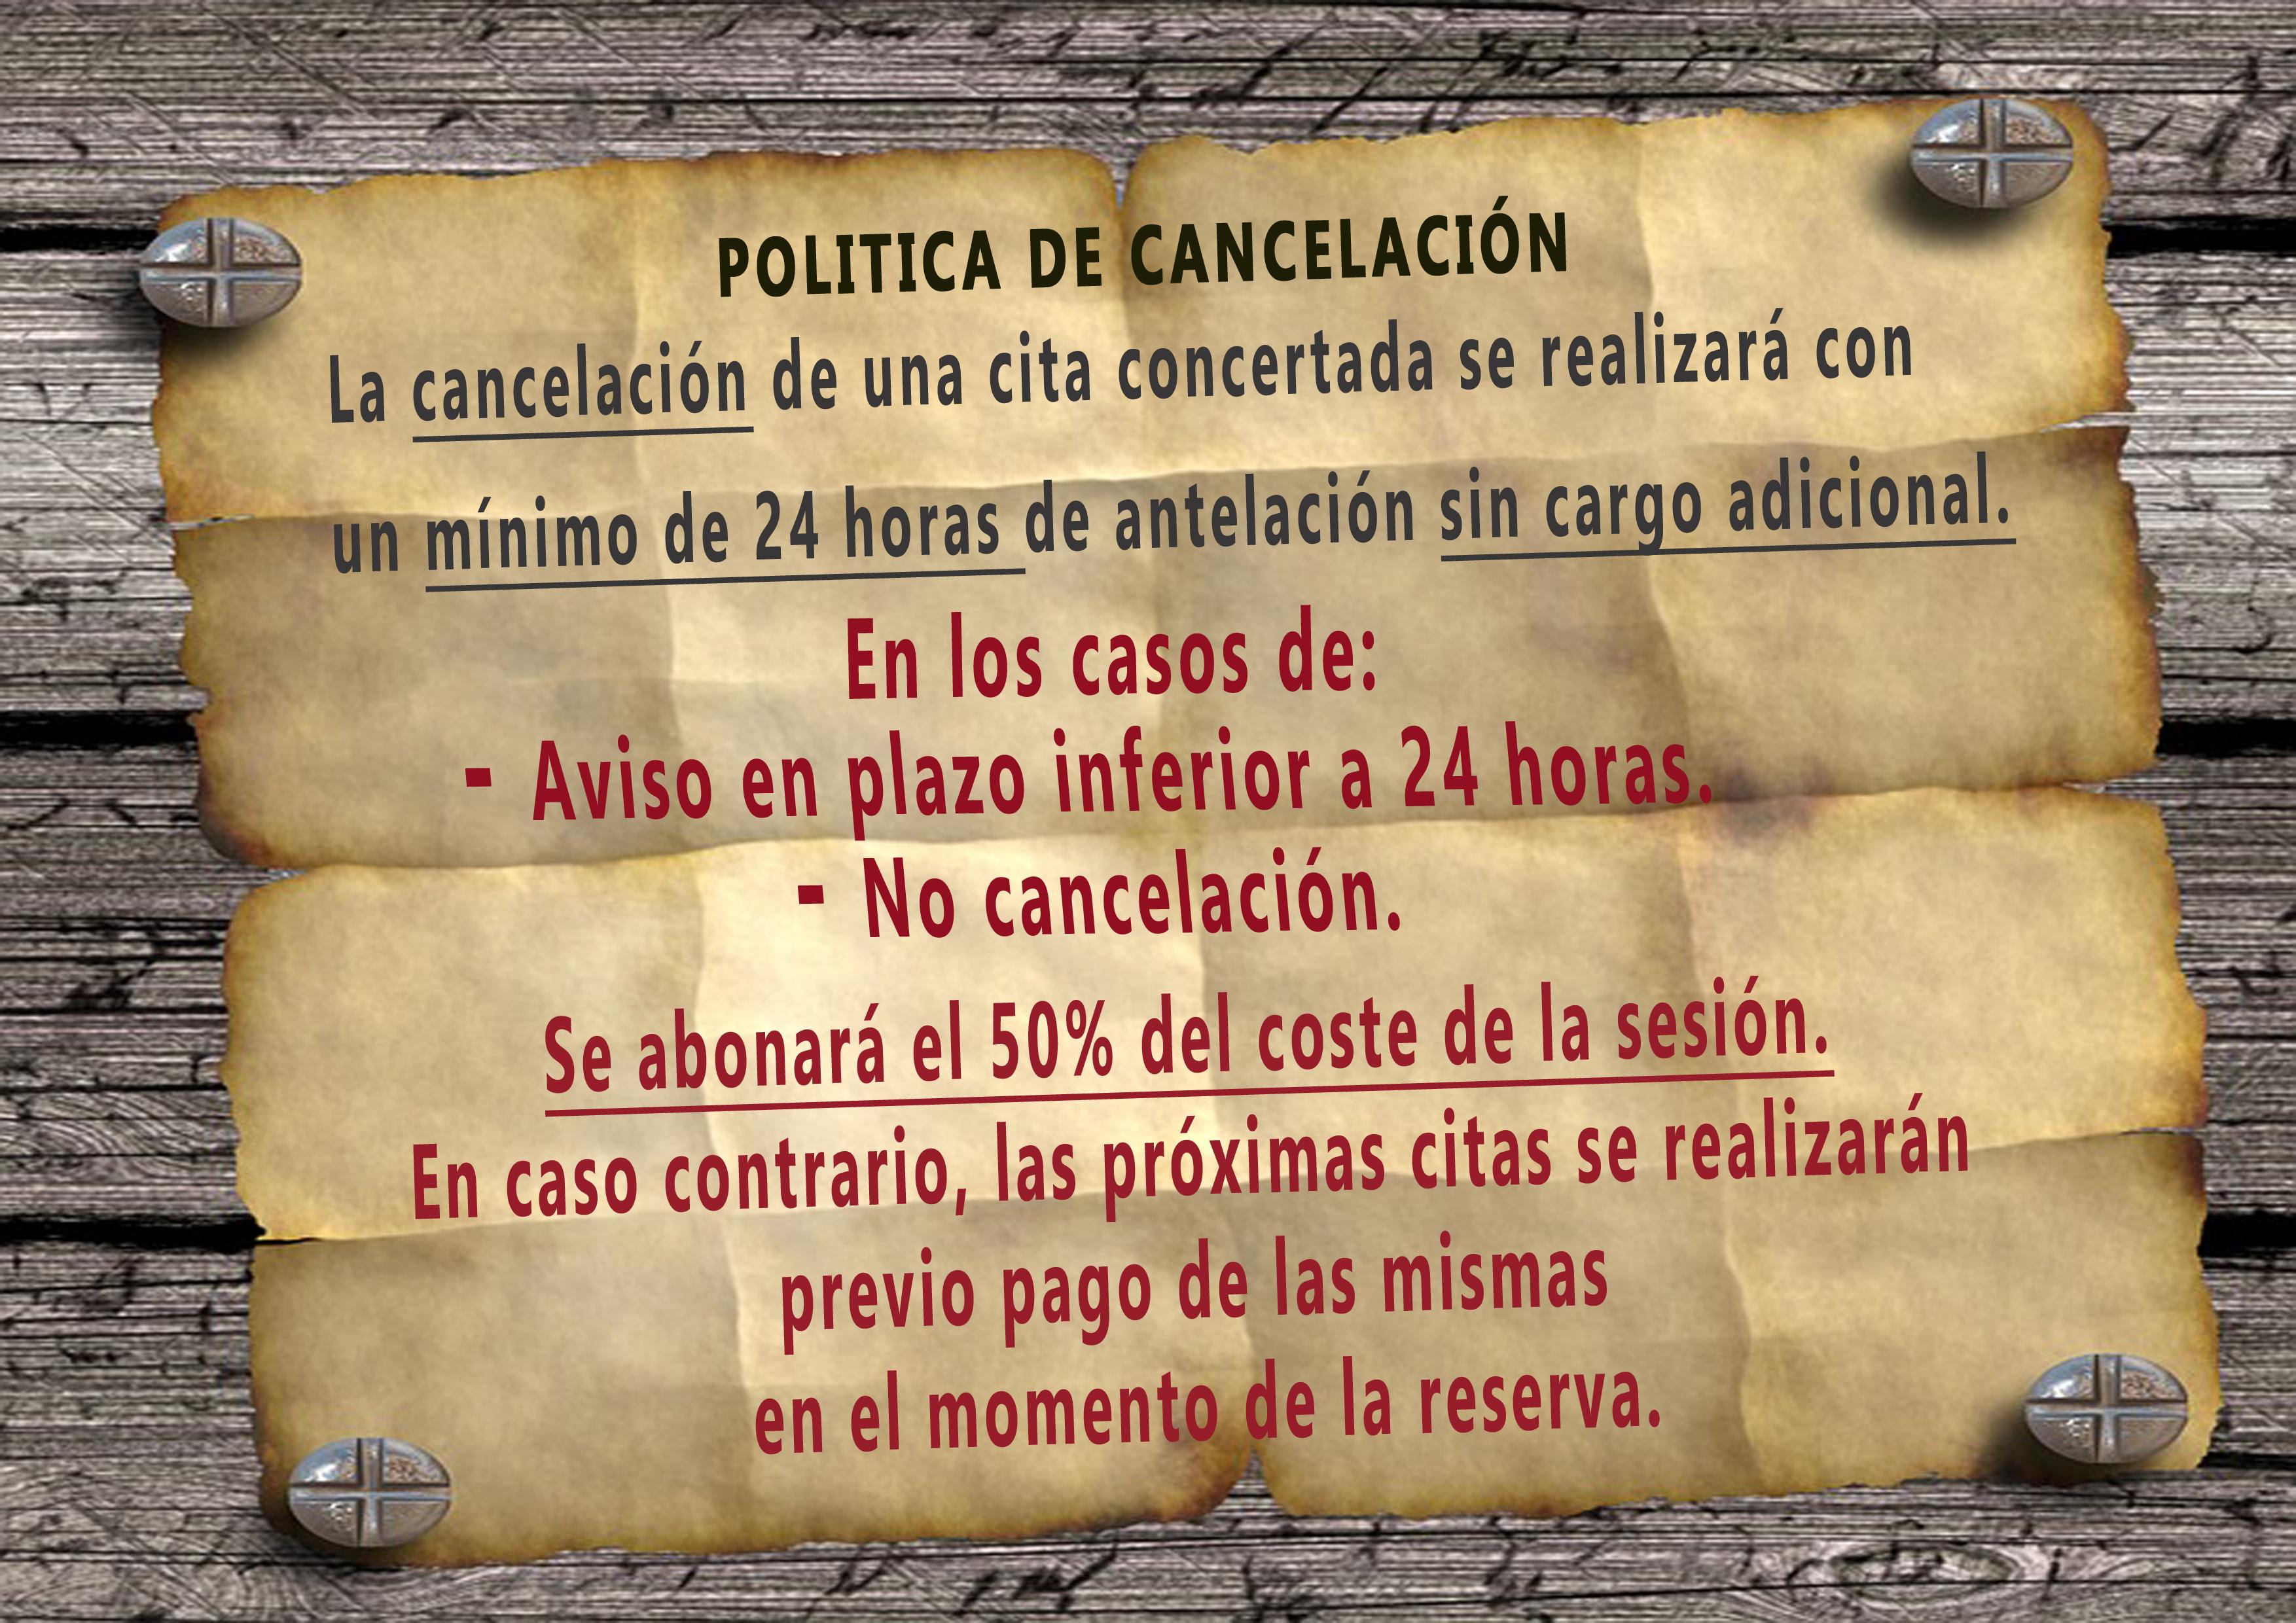 POLITICA DE CANCELACIÓN2020